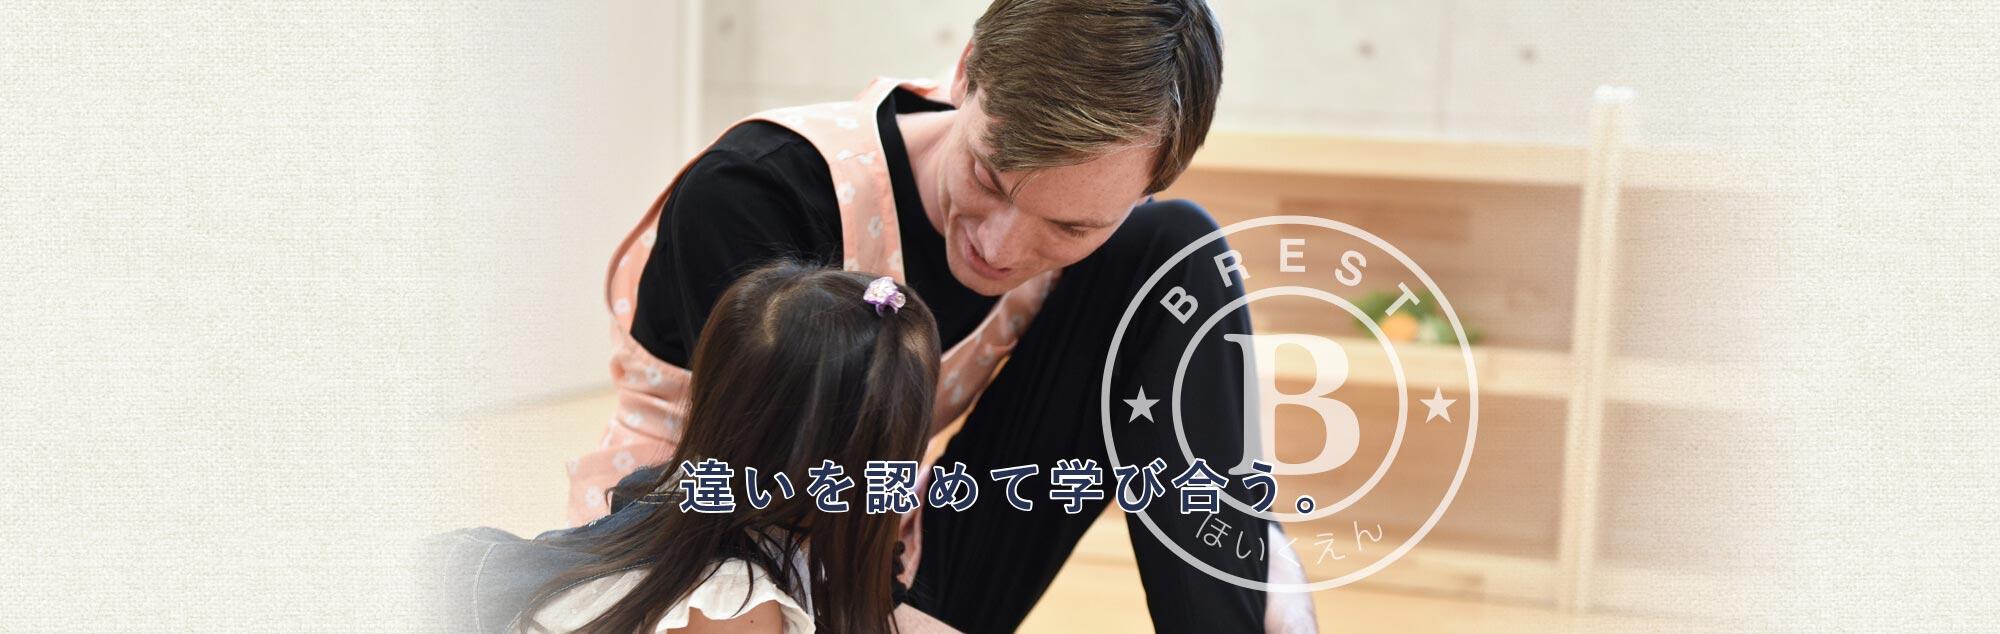 英語を話しながら、子どもと一緒に遊んでいる外国人講師のバナー